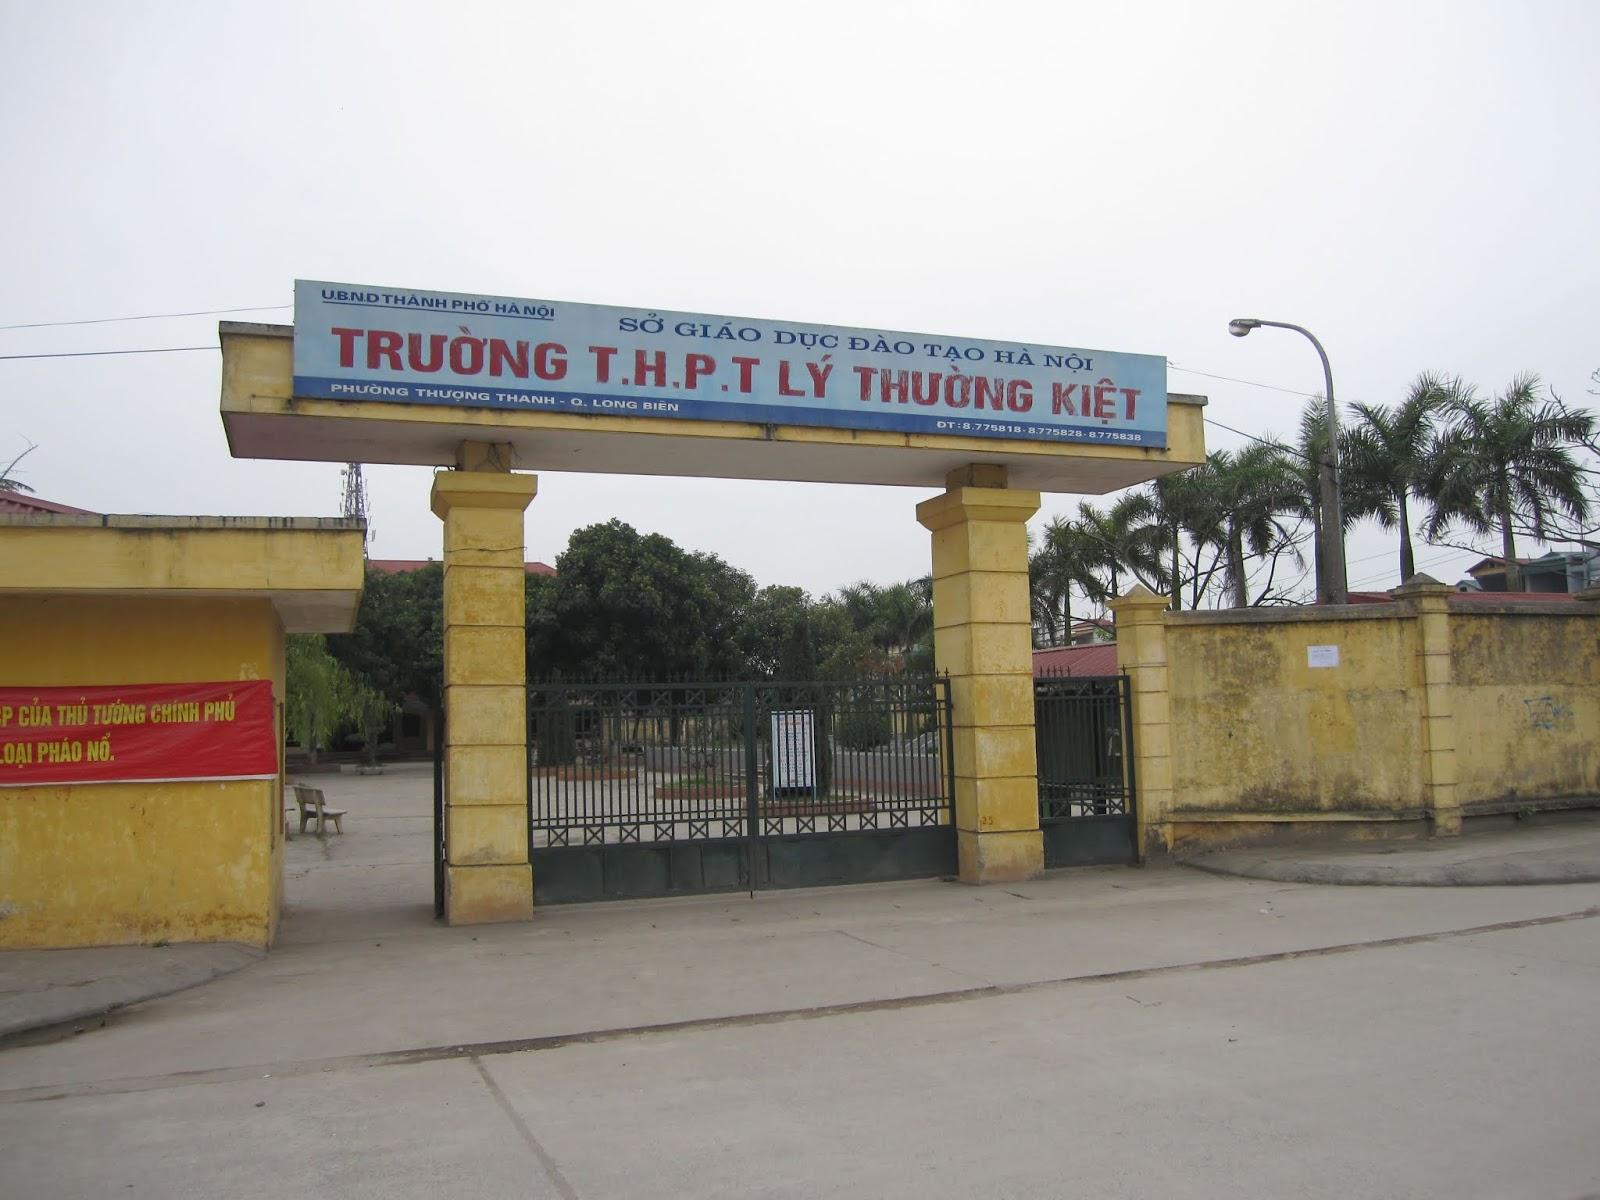 Trường THPT Lý Thường Kiệt.